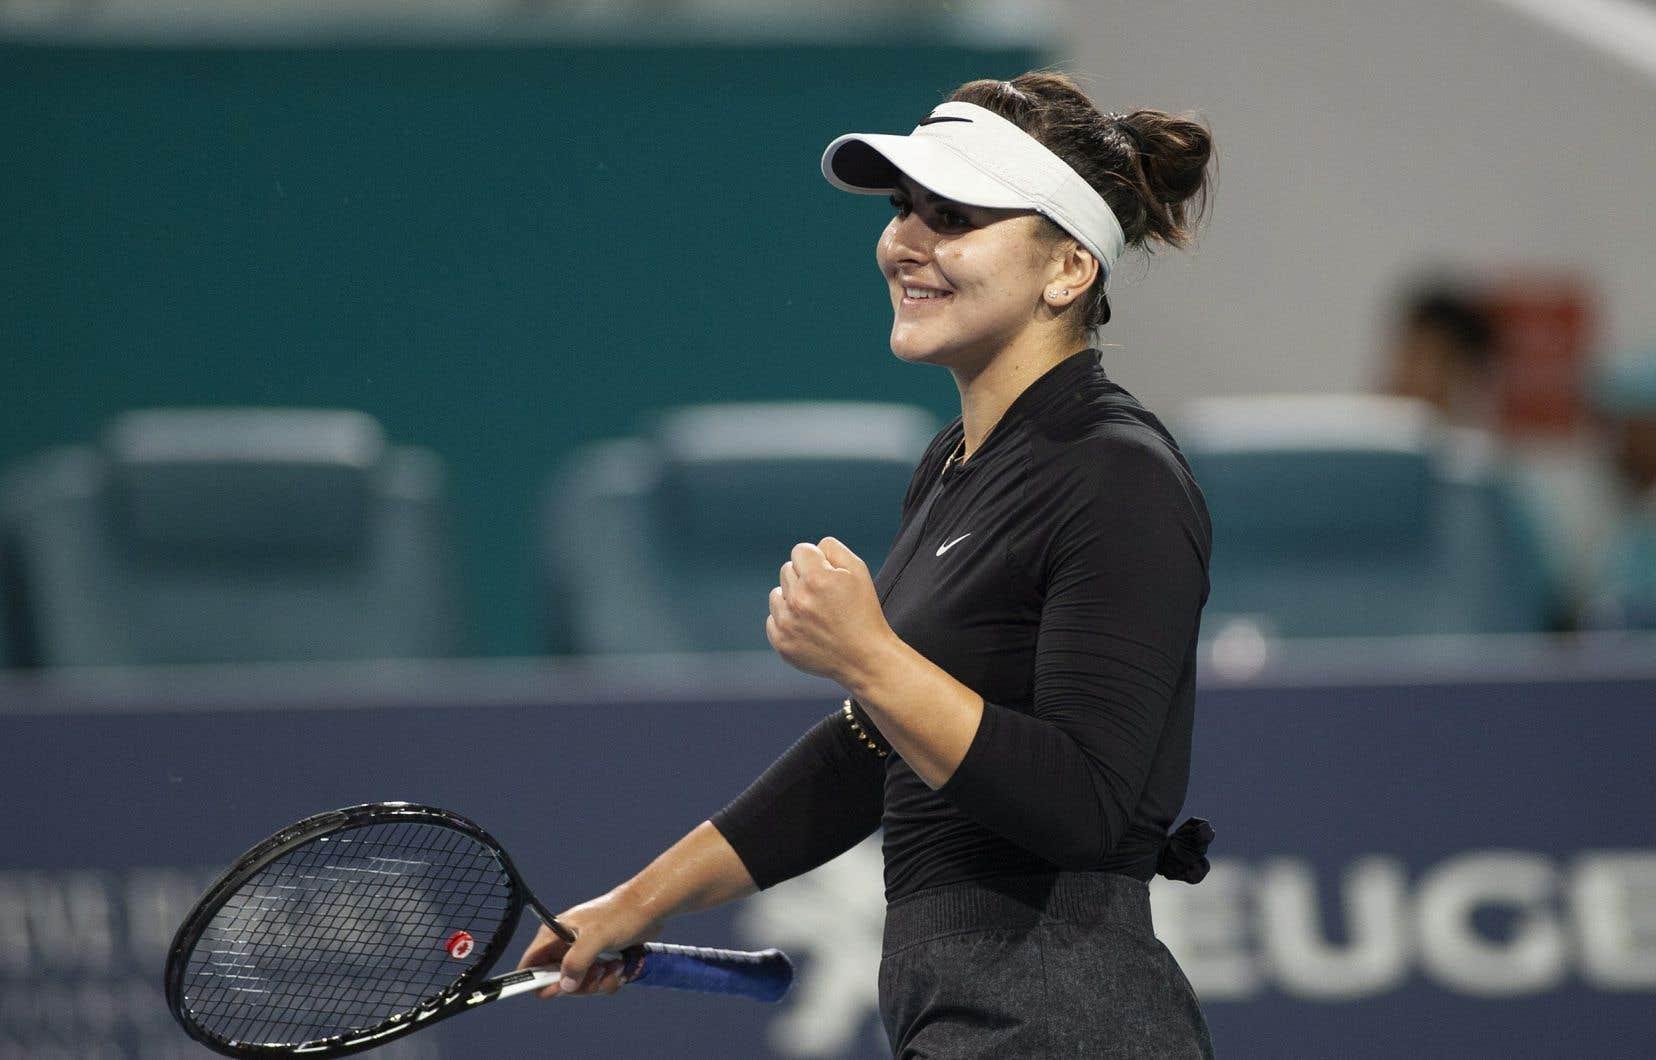 Andreescu ne participera pas au Masters de Madrid et sa présence est incertaine pour le Masters de Rome, qui se déroulera du 13 au 19mai.